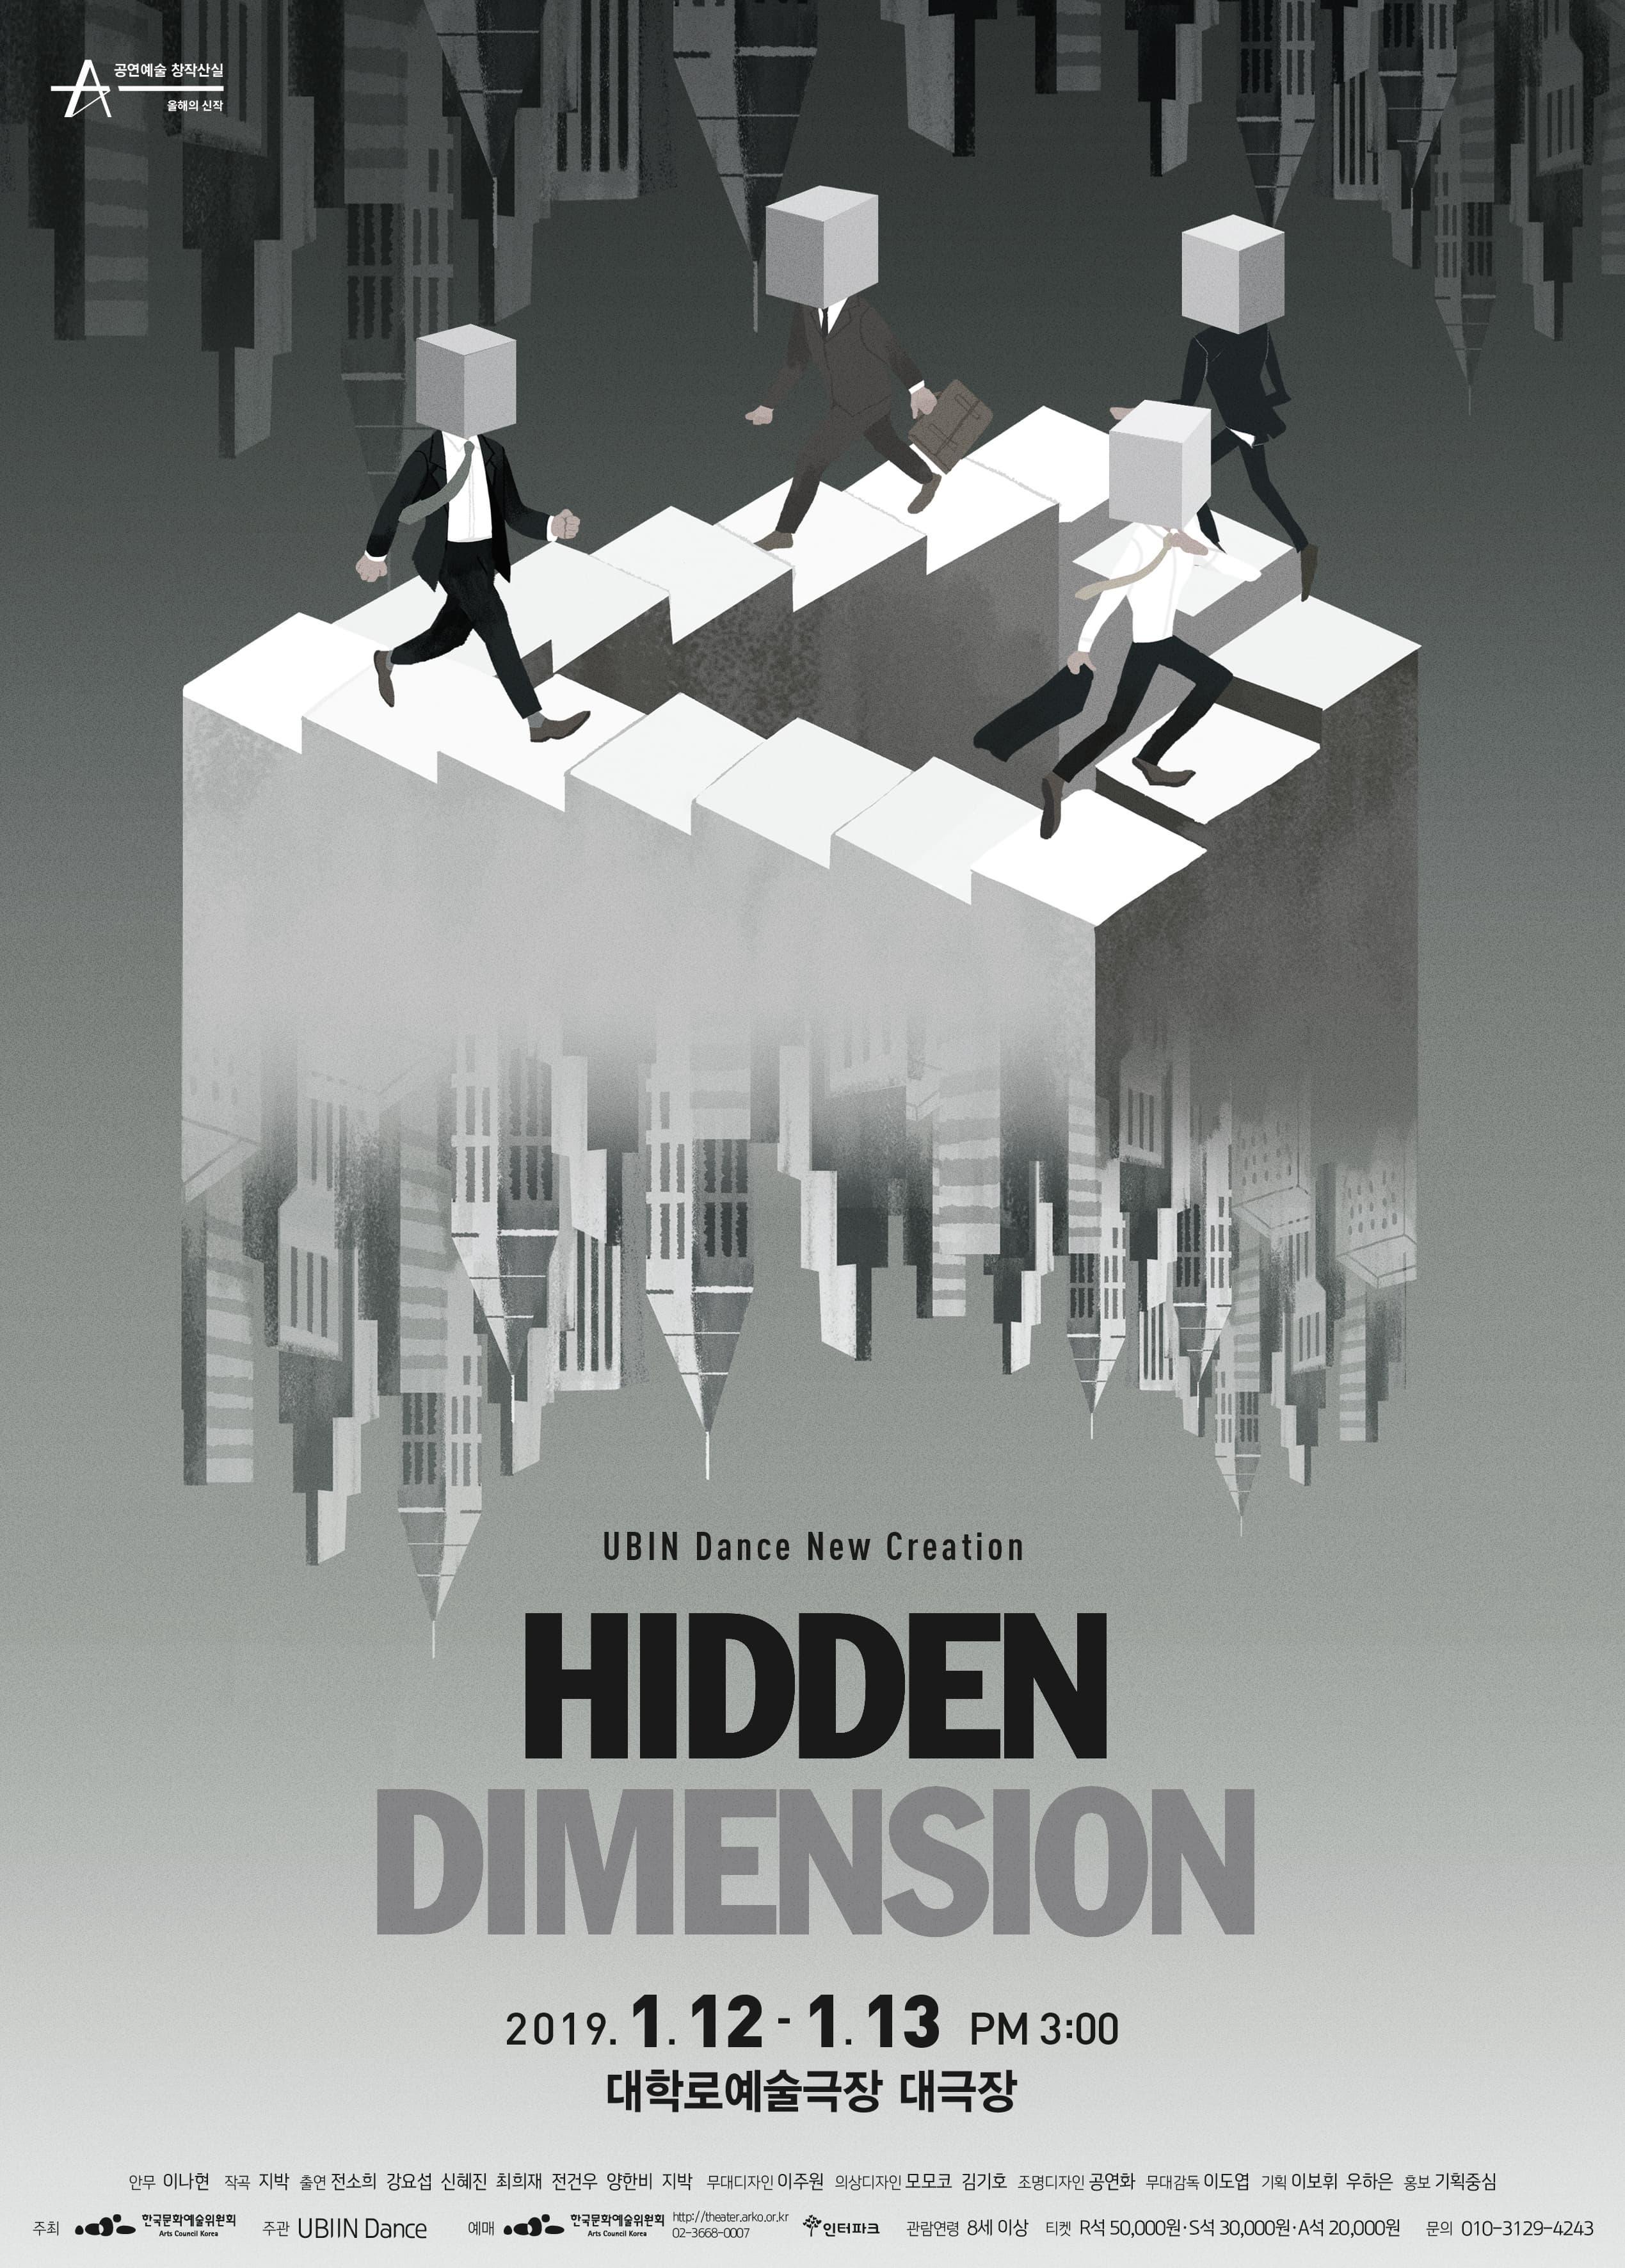 2018 창작산실 무용 <Hidden Dimension>_유빈댄스 신작